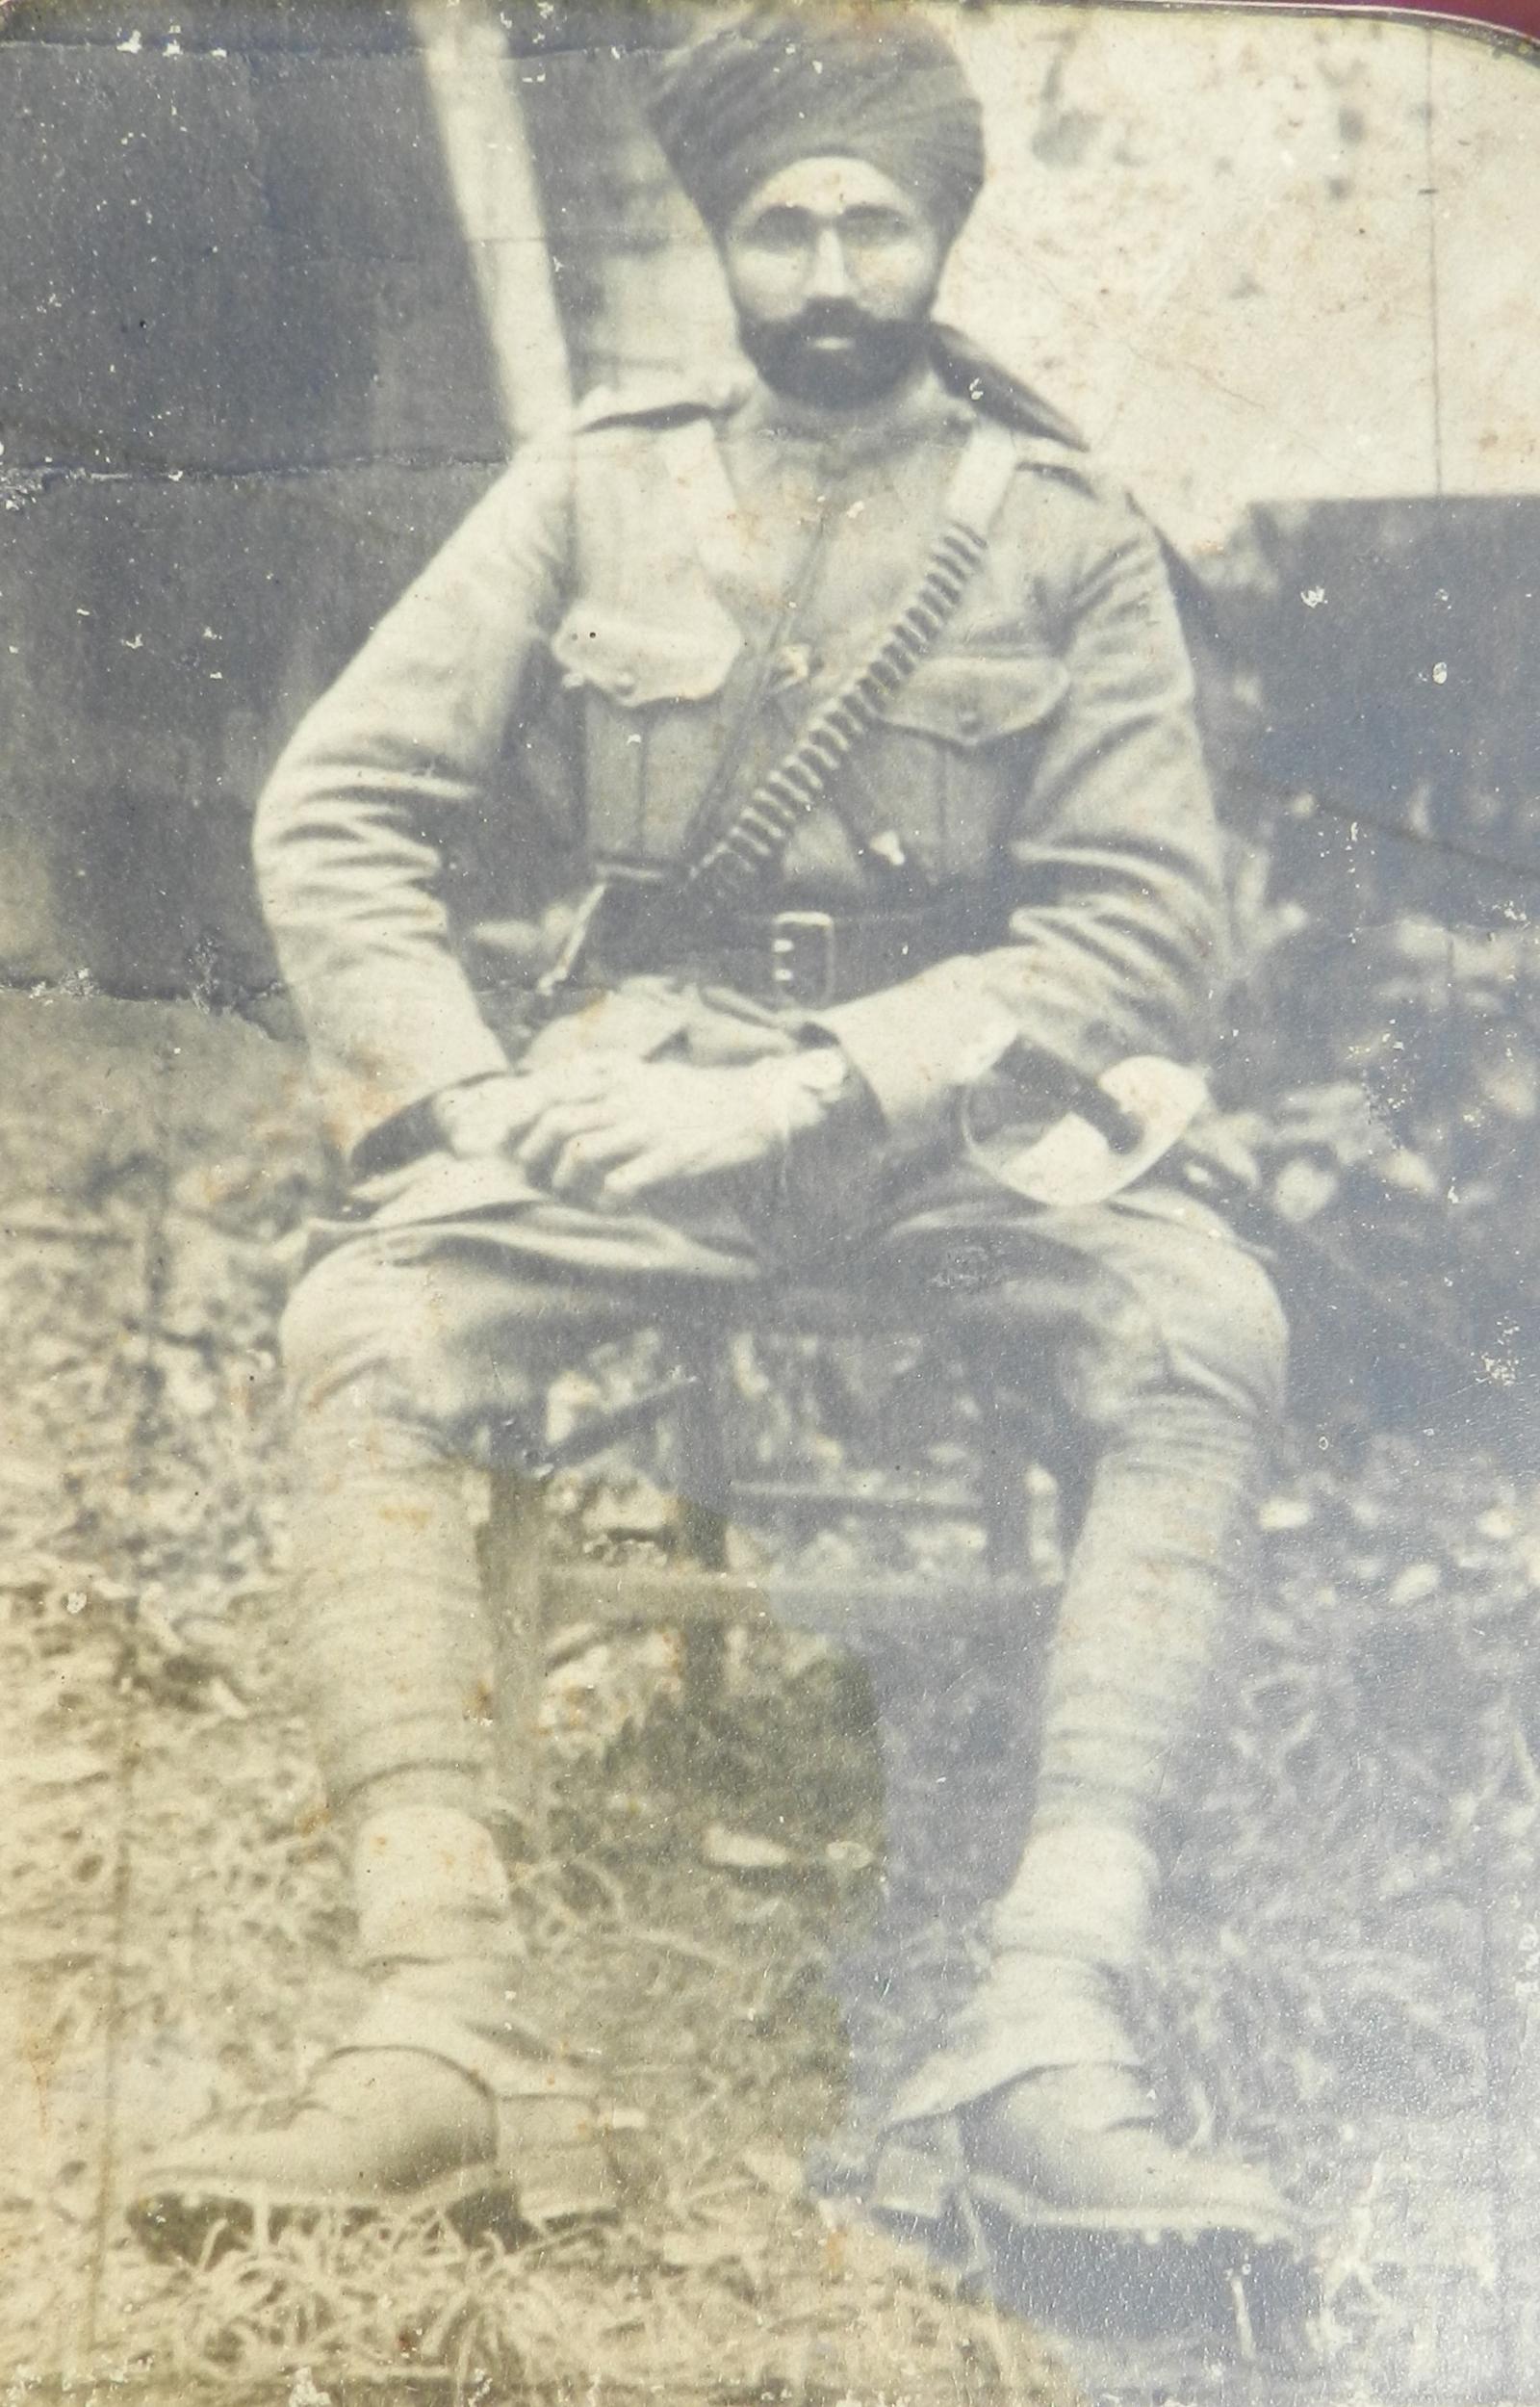 Jemadar Didan Singh in France, c. 1917